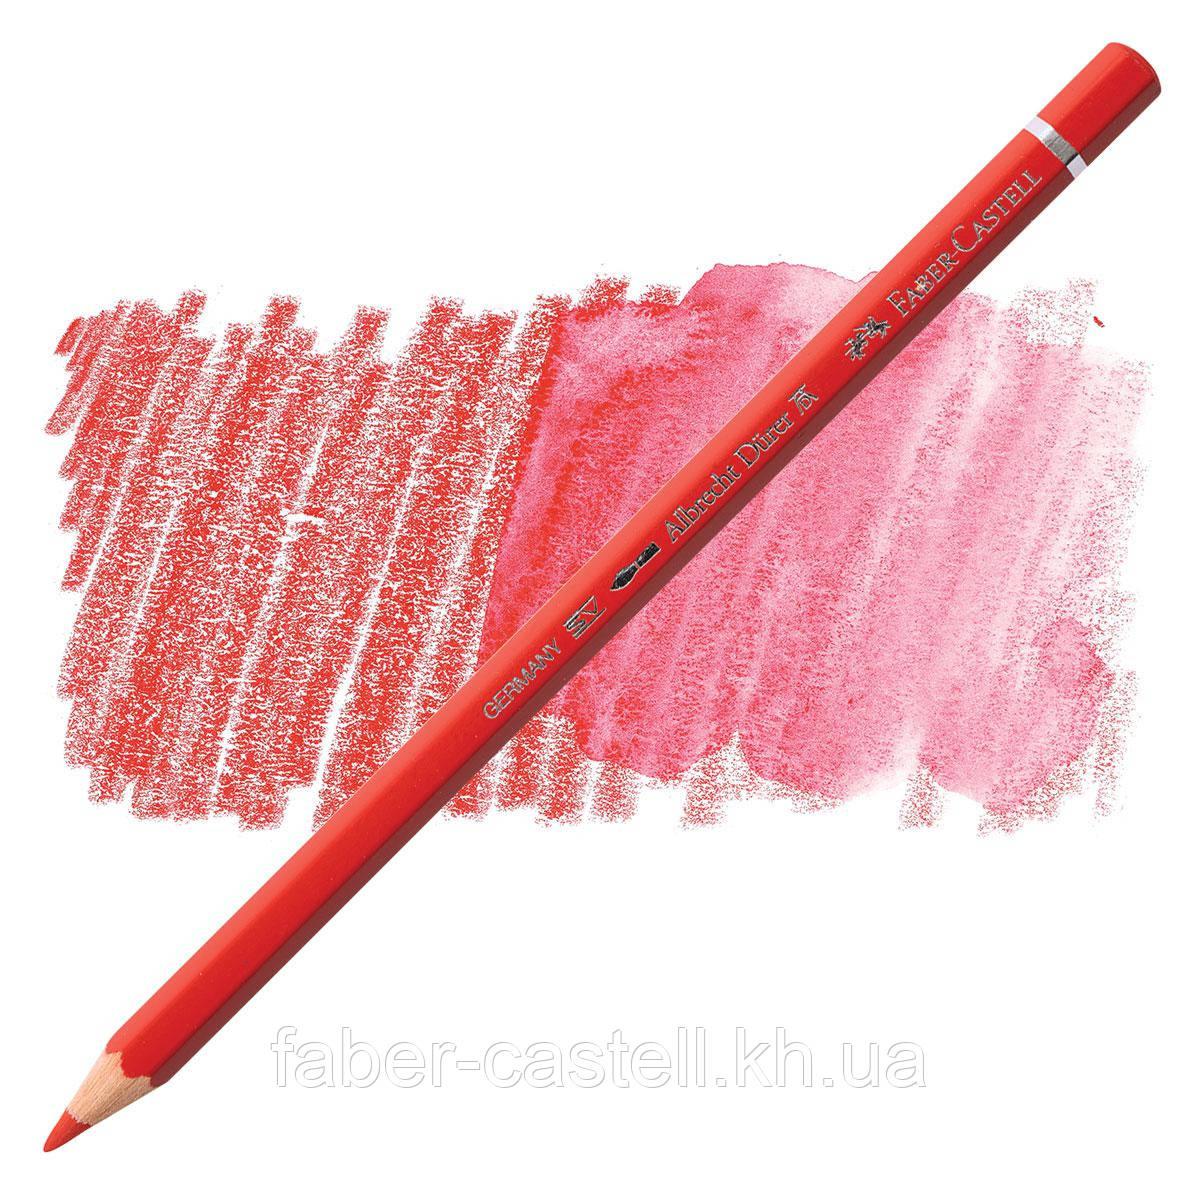 Карандаш акварельный цветной Faber-Castell Albrecht Dürer пурпурный красный (Scarlet Red)  № 118, 117618